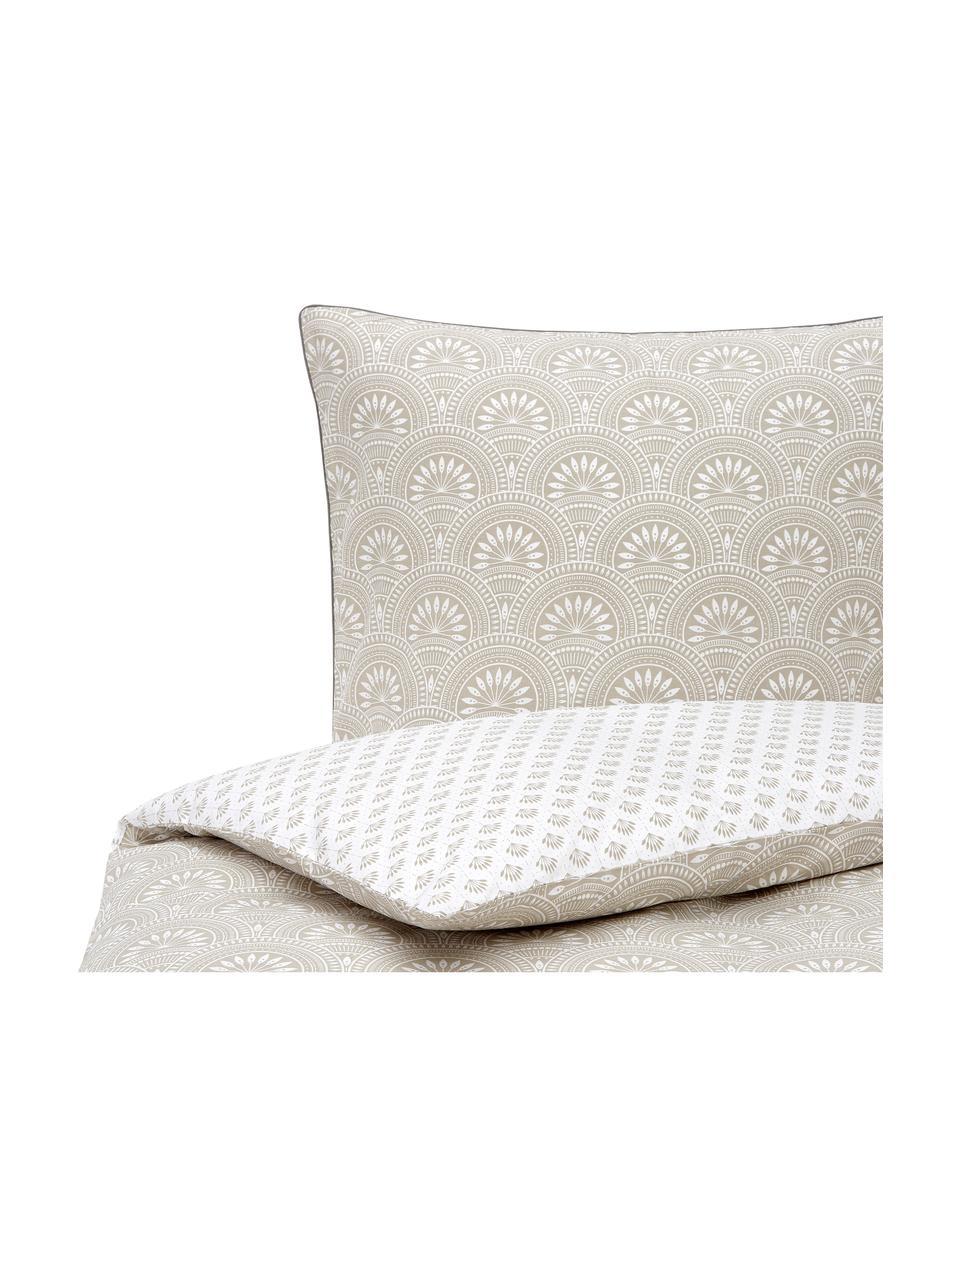 Dwustronna pościel z bawełny organicznej Poliana, Beżowy, biały, 240 x 220 cm + 2 poduszki 80 x 80 cm